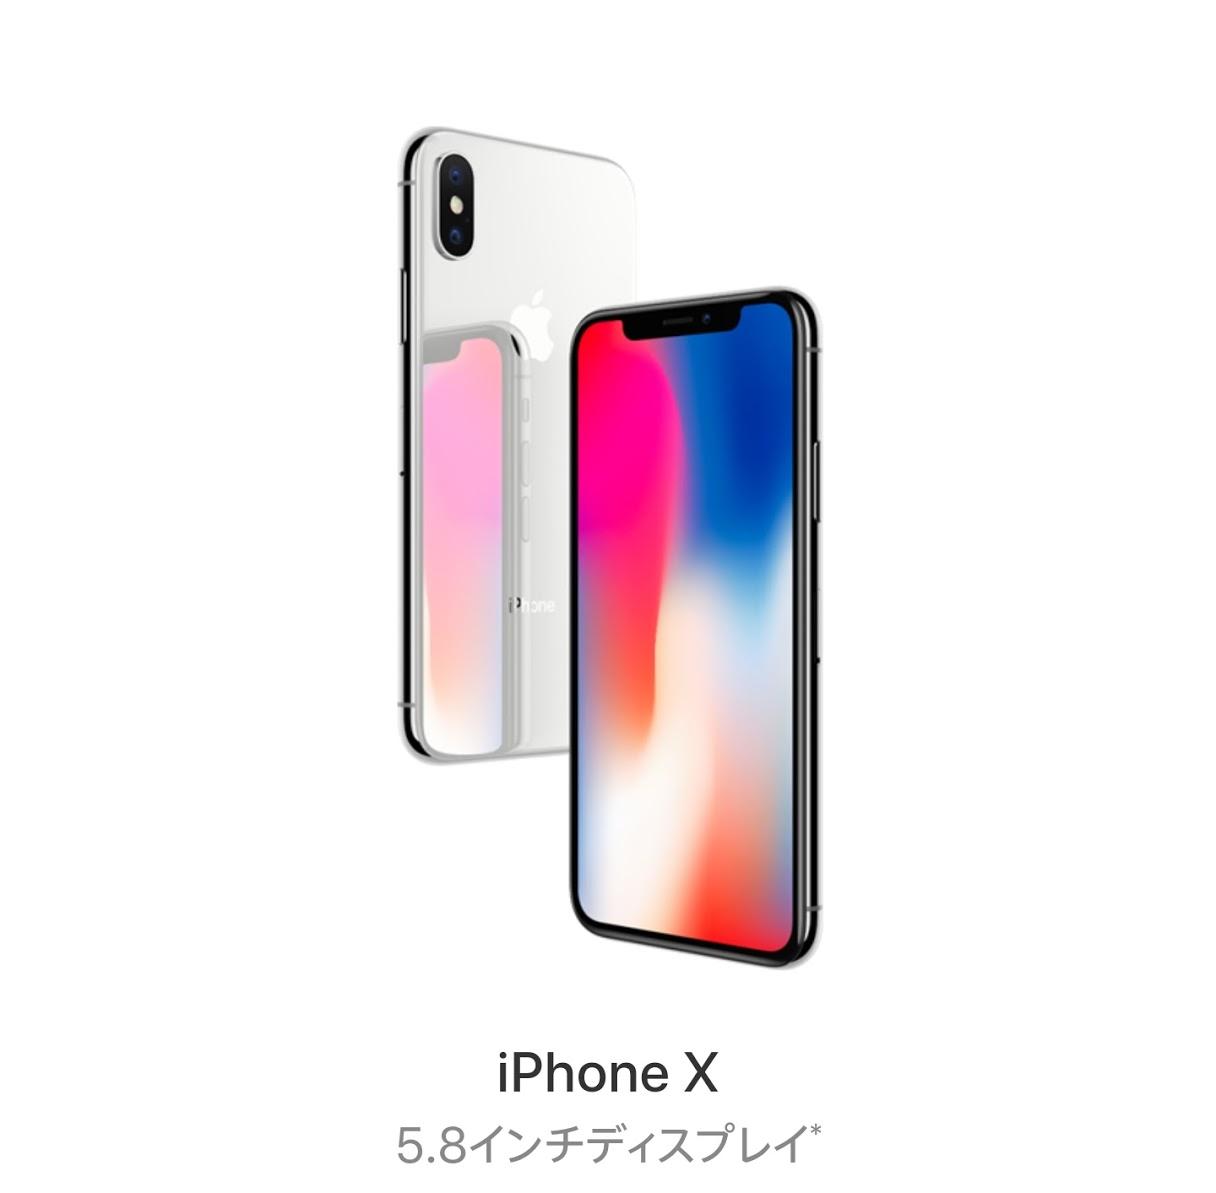 予約開始から一夜明けたiPhone Xの白ロム価格をチェック!